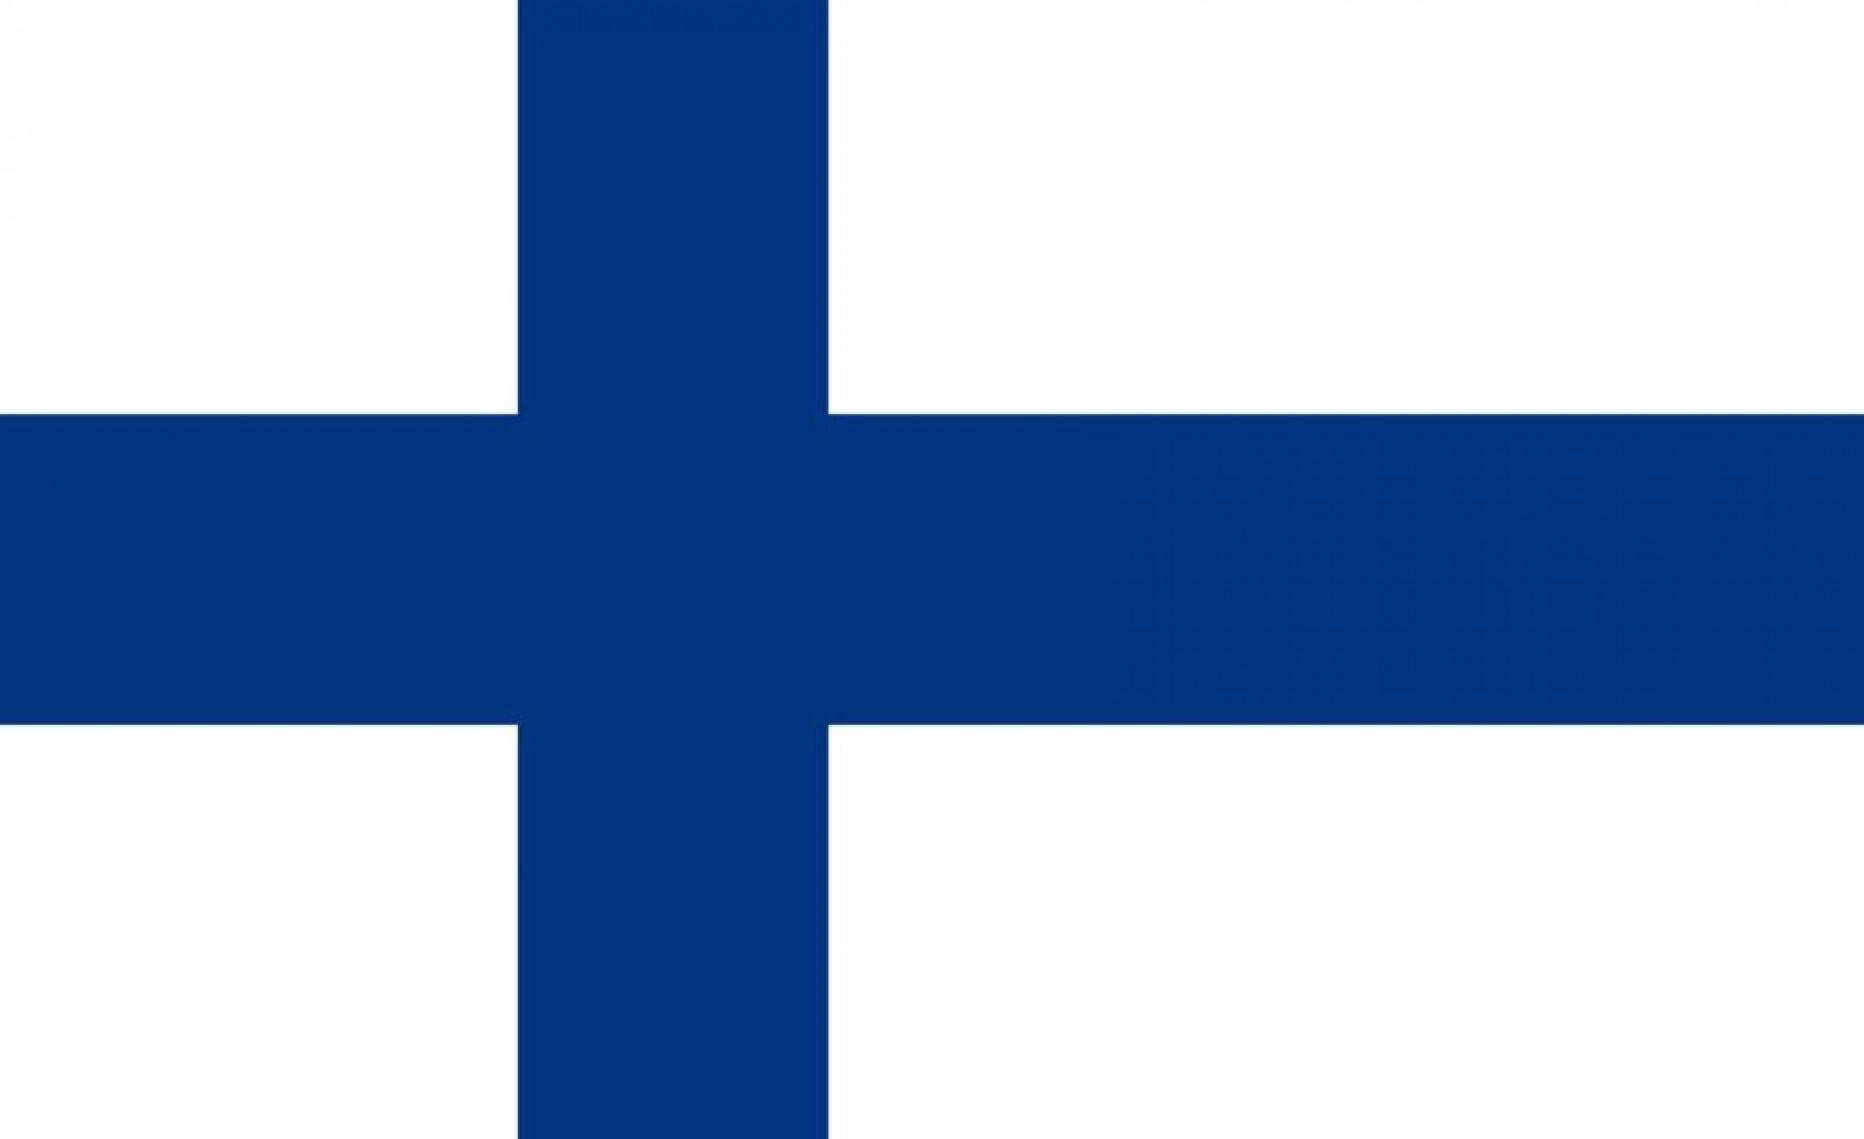 Ambassade de Finlande